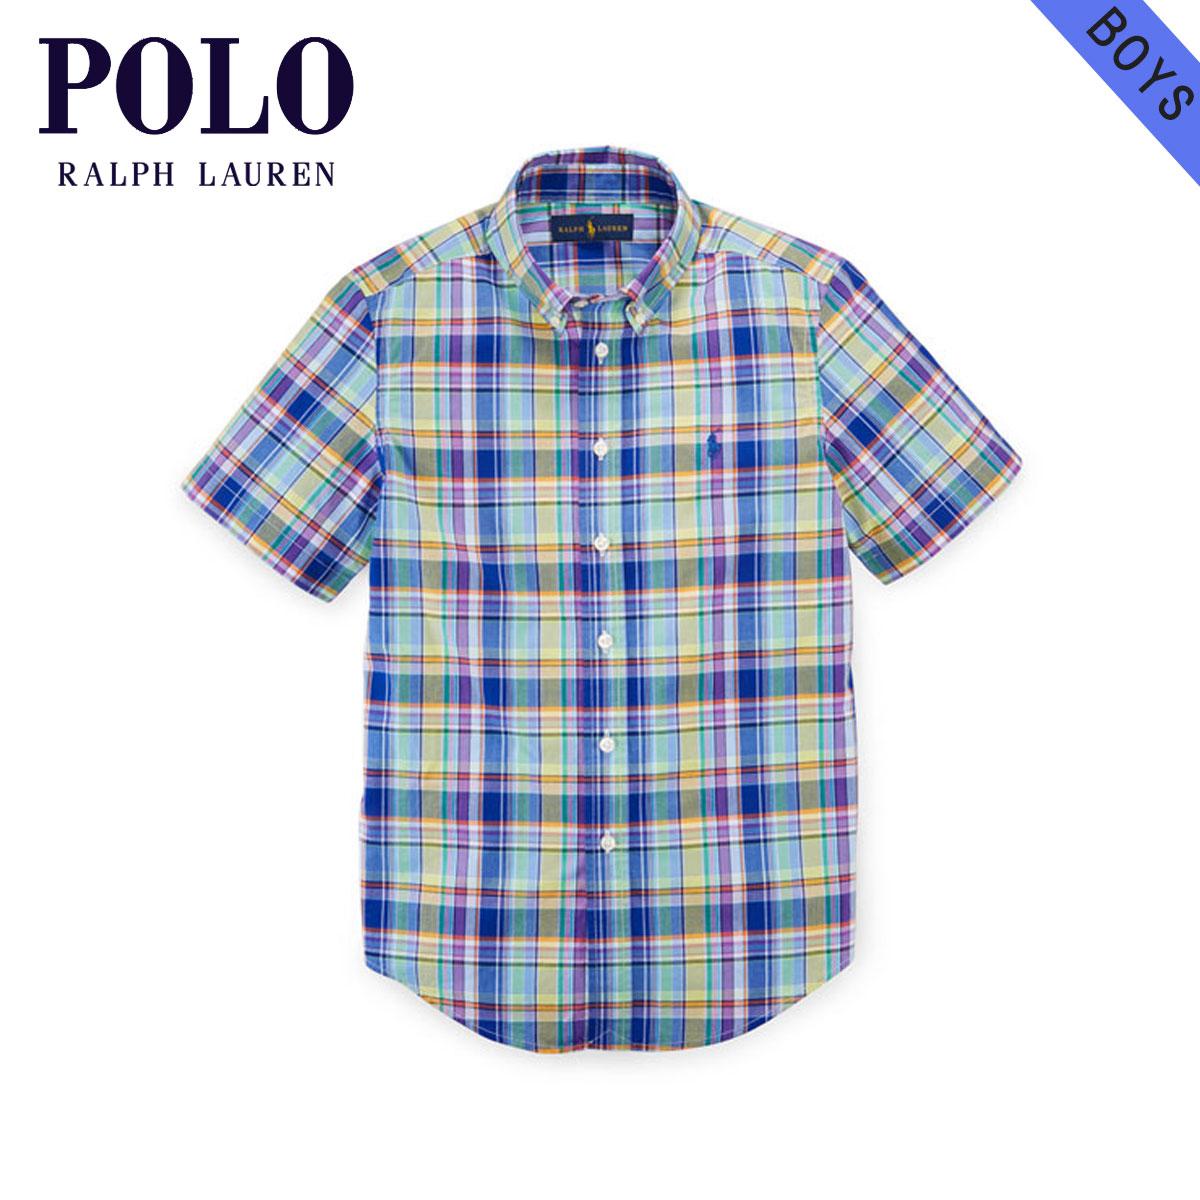 4e2a86572a Polo Ralph Lauren kids POLO RALPH LAUREN CHILDREN regular article  children s clothes Boys short sleeves shirt PLAID COTTON POPLIN SHIRT  85653736 BLUE MULTI ...